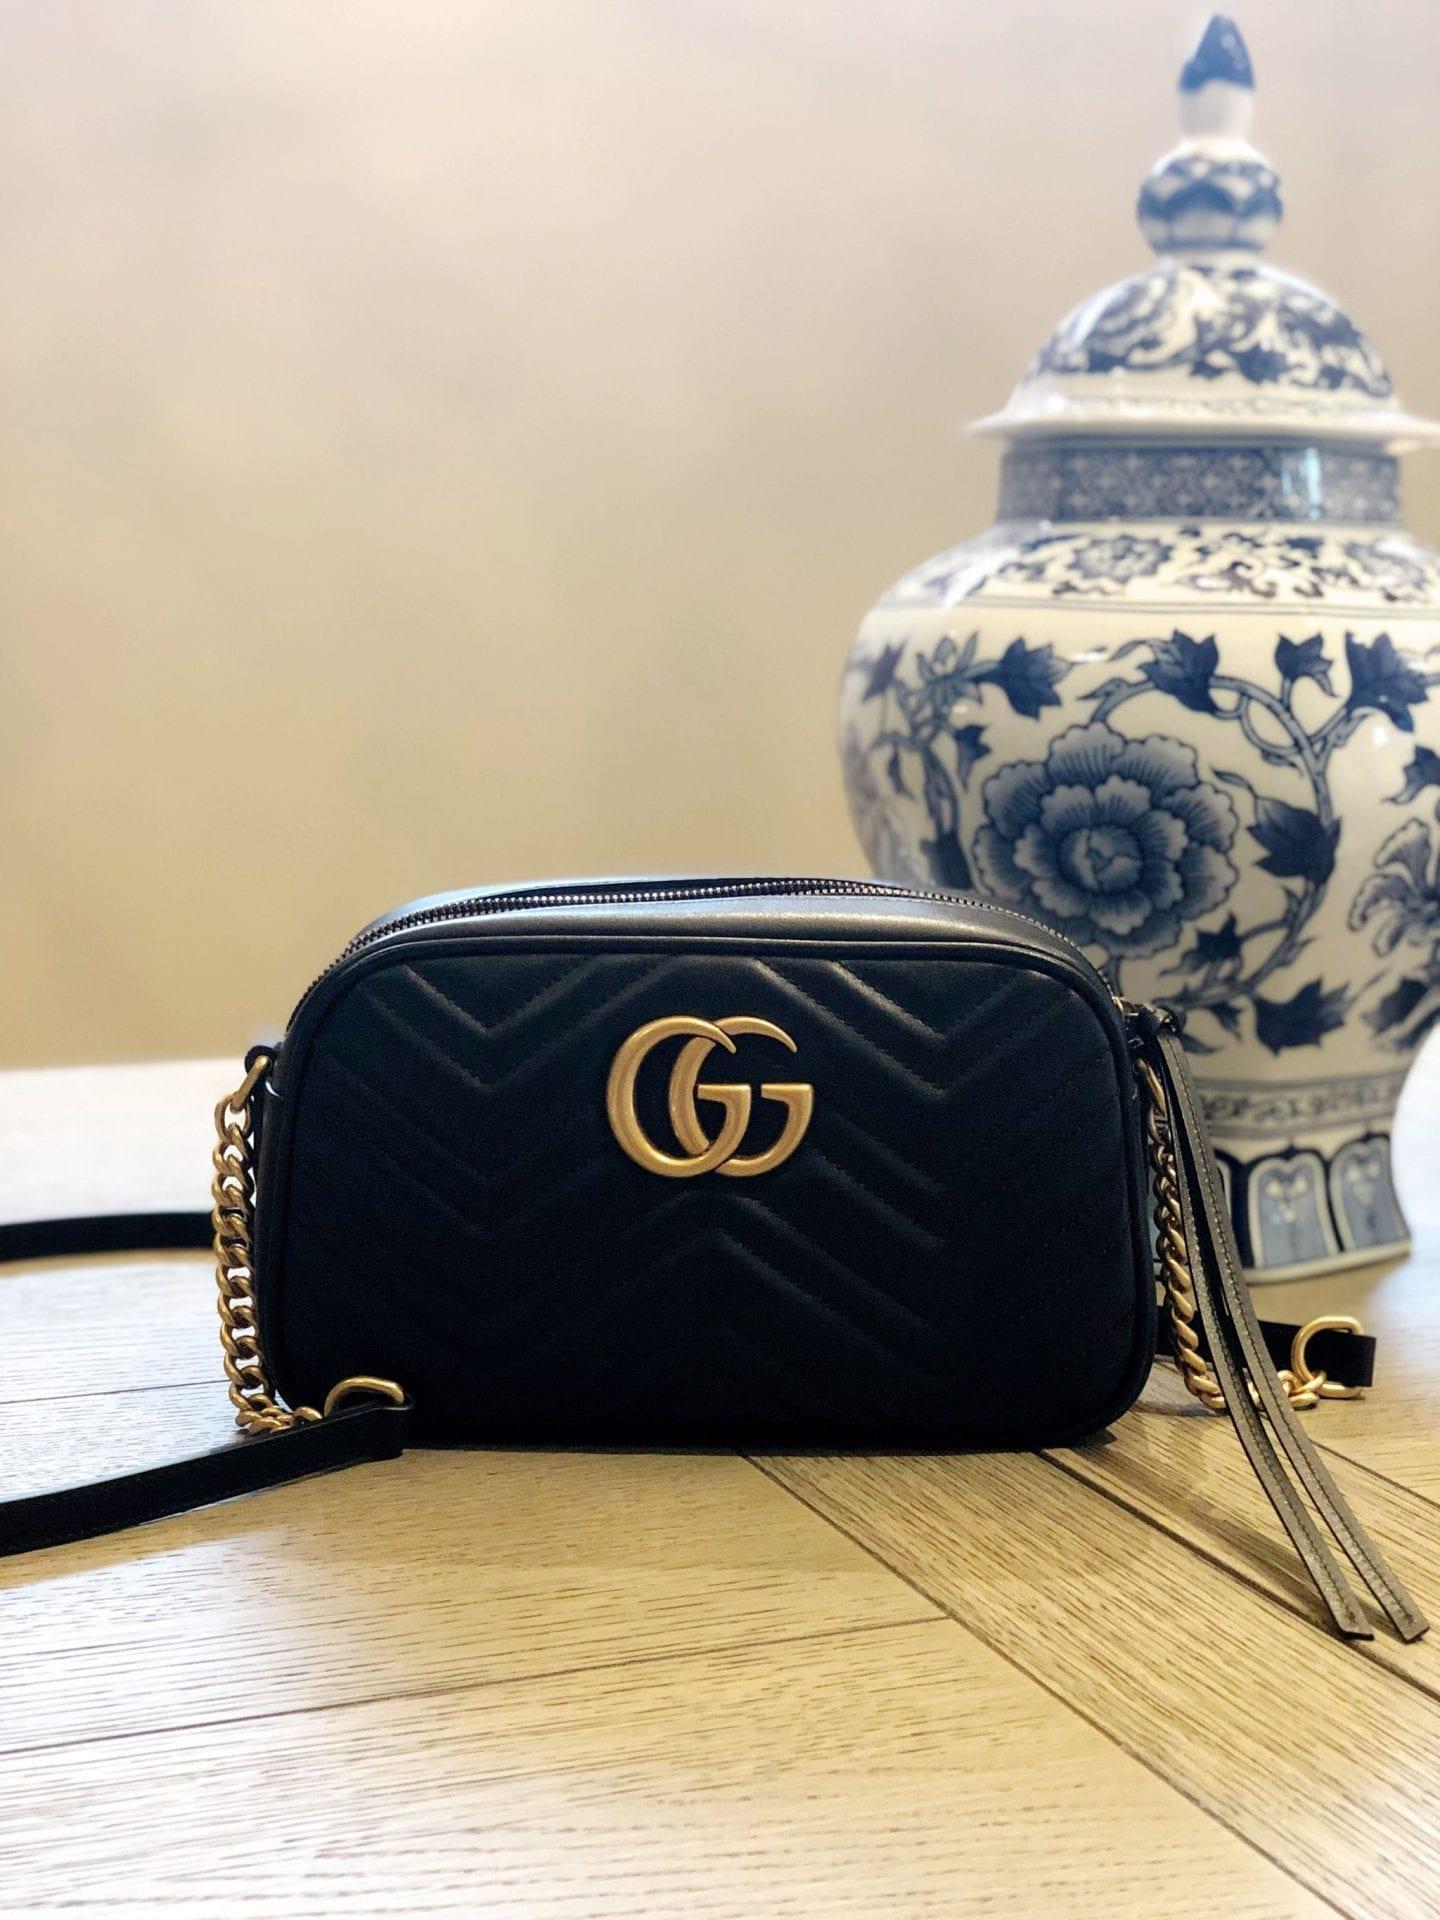 Gucci Marmont Camera Bag, GG Marmont small matelassé shoulder bag